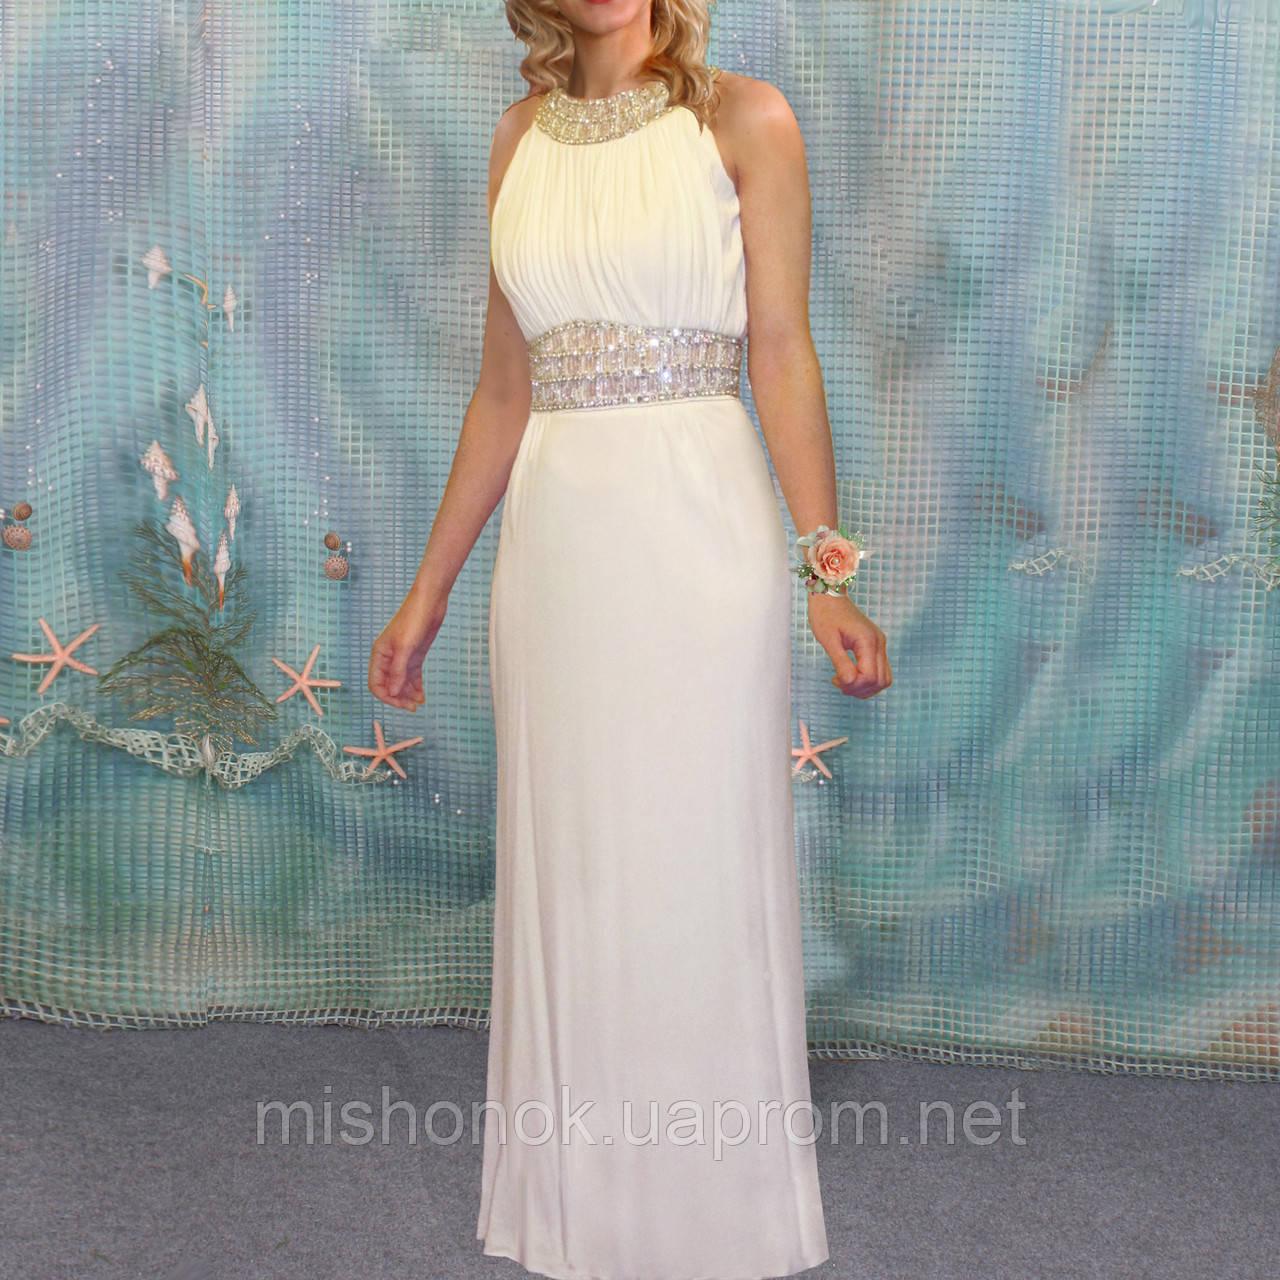 aec8e5625c6 Брендовое платье вечернее AZZARO евро р.38 на наш 42-44 S рост 155 ...